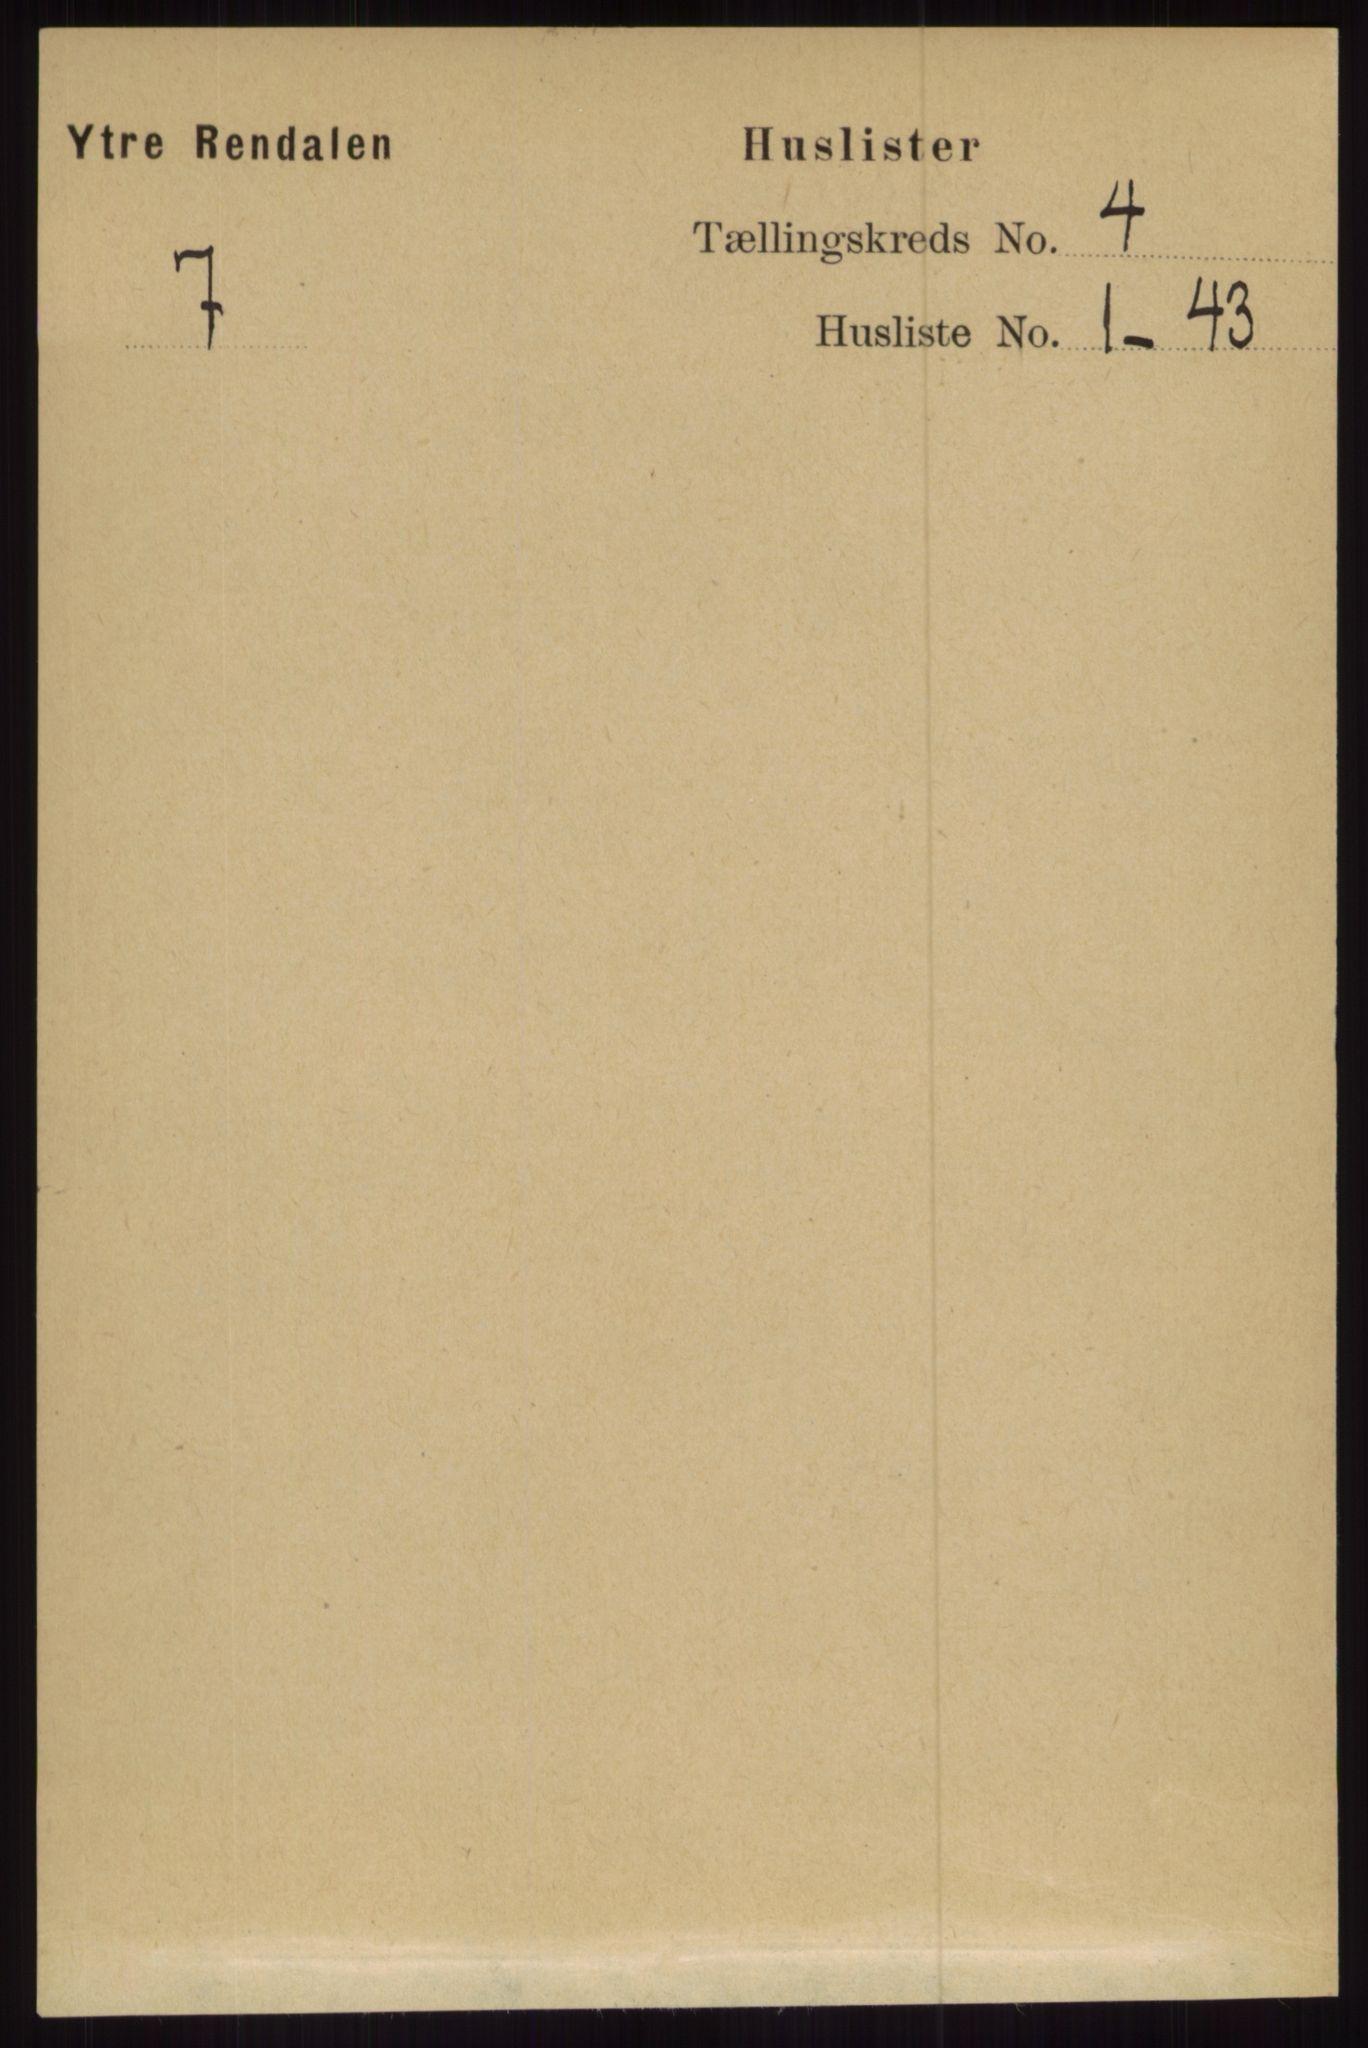 RA, Folketelling 1891 for 0432 Ytre Rendal herred, 1891, s. 682